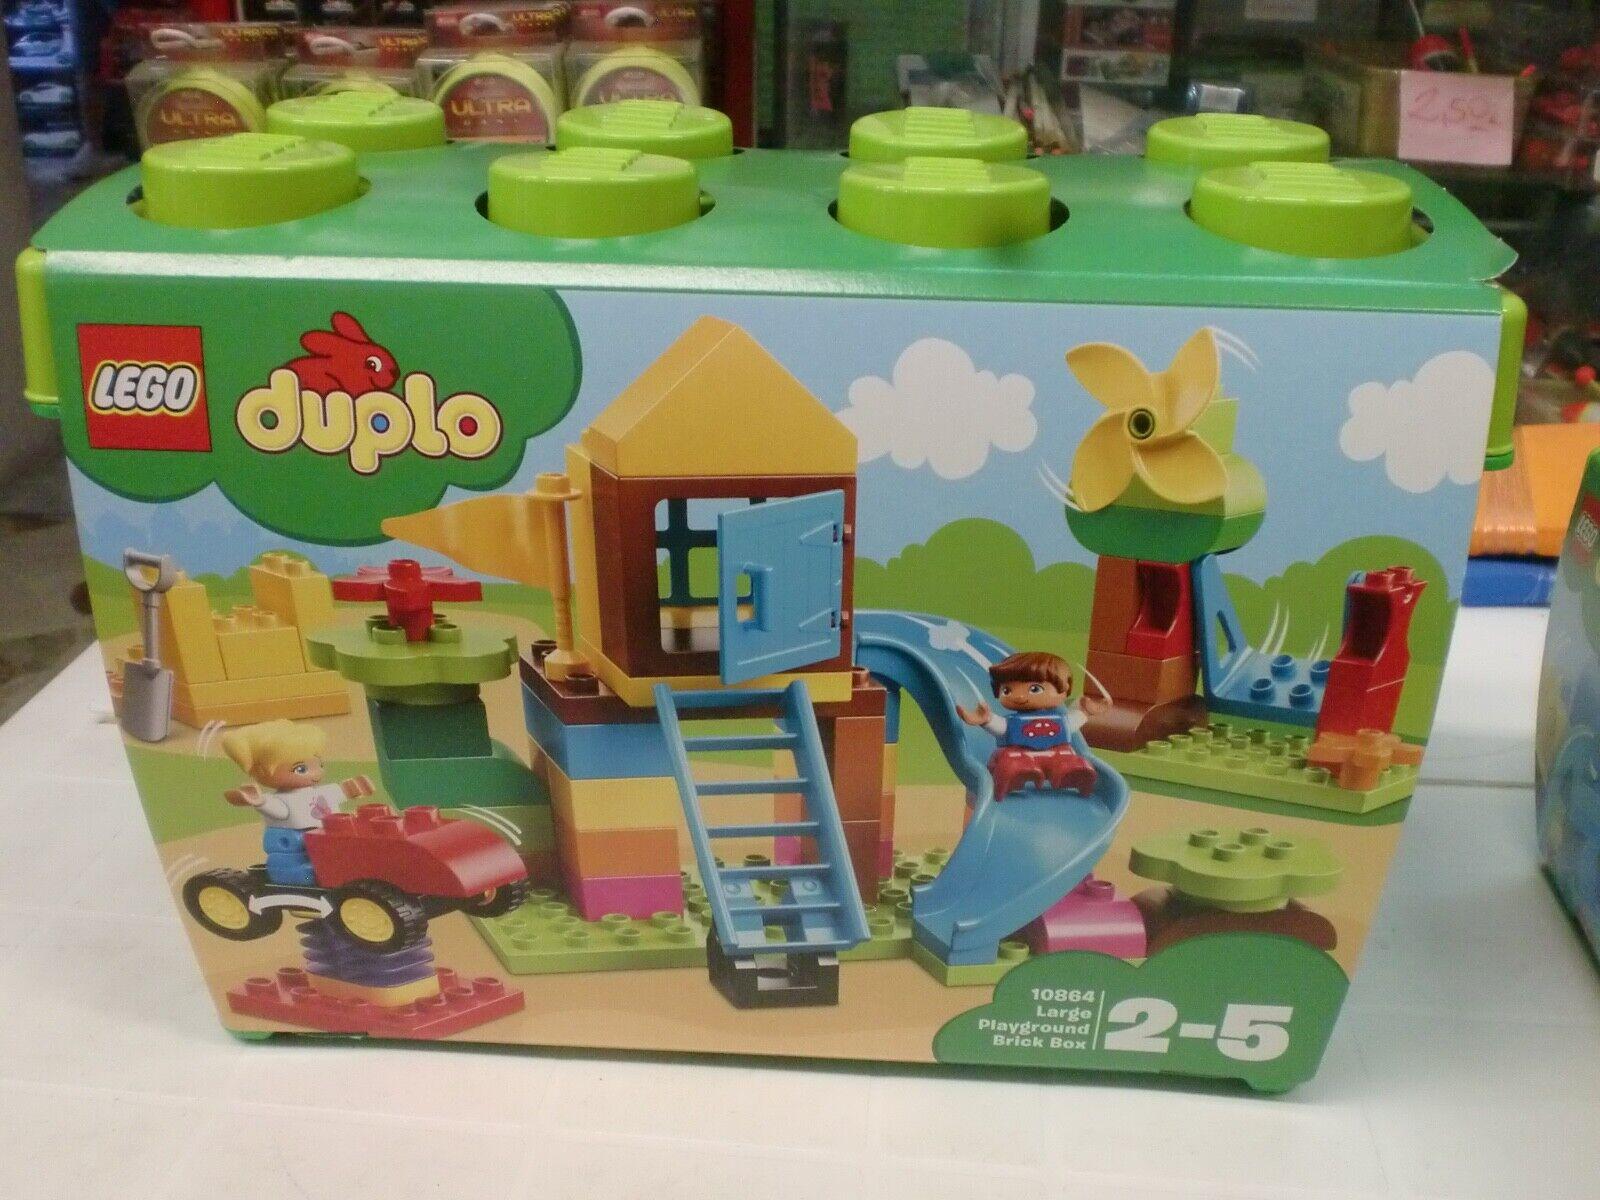 LEGO 10864 - la gree scatola  di mattoncini - SERIE DUPLO  prendiamo i clienti come nostro dio